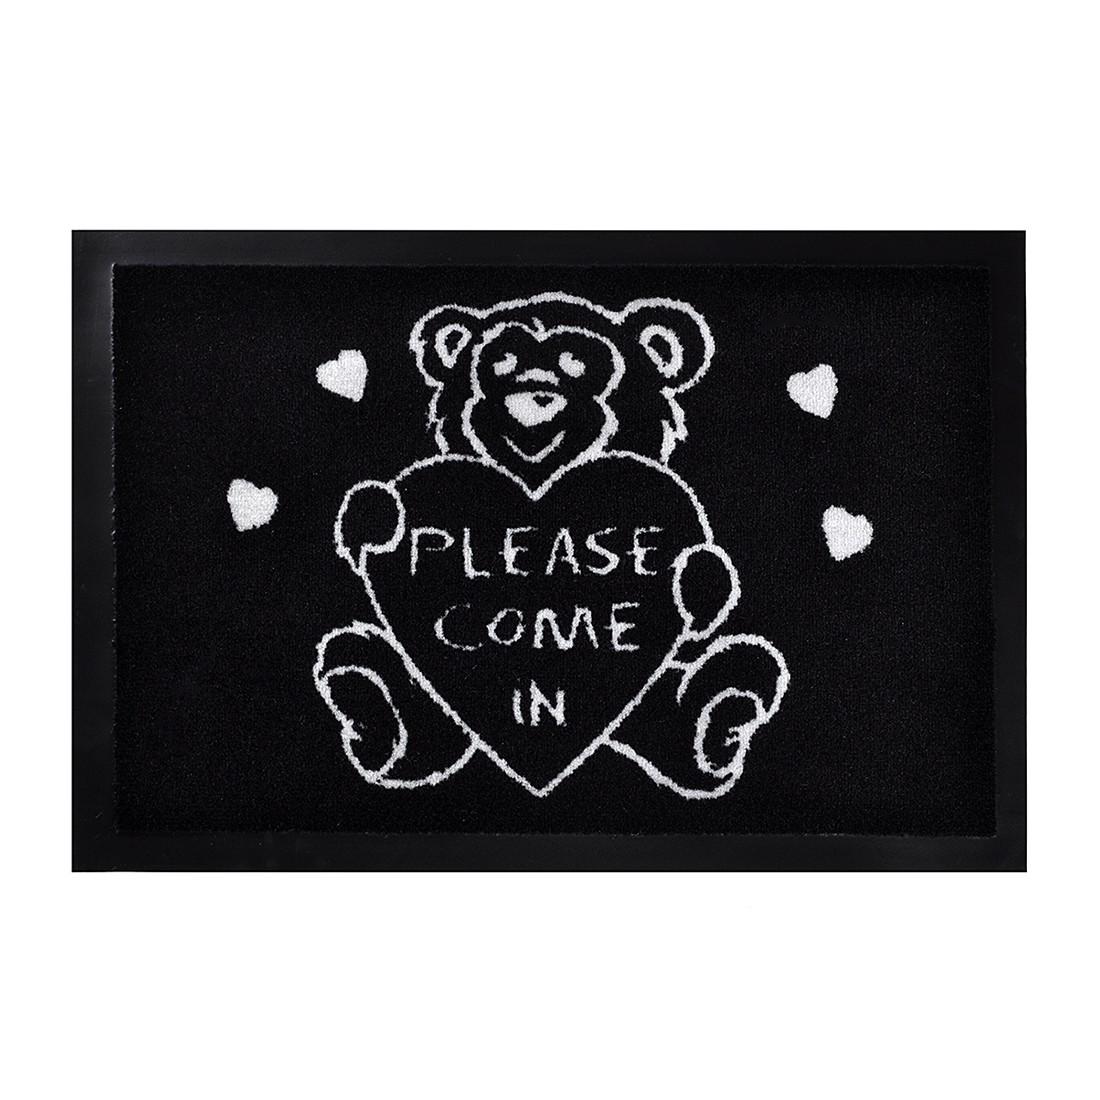 Fußmatte Printy Please come – Schwarz – 40 x 60 cm, Hanse Home Collection jetzt kaufen